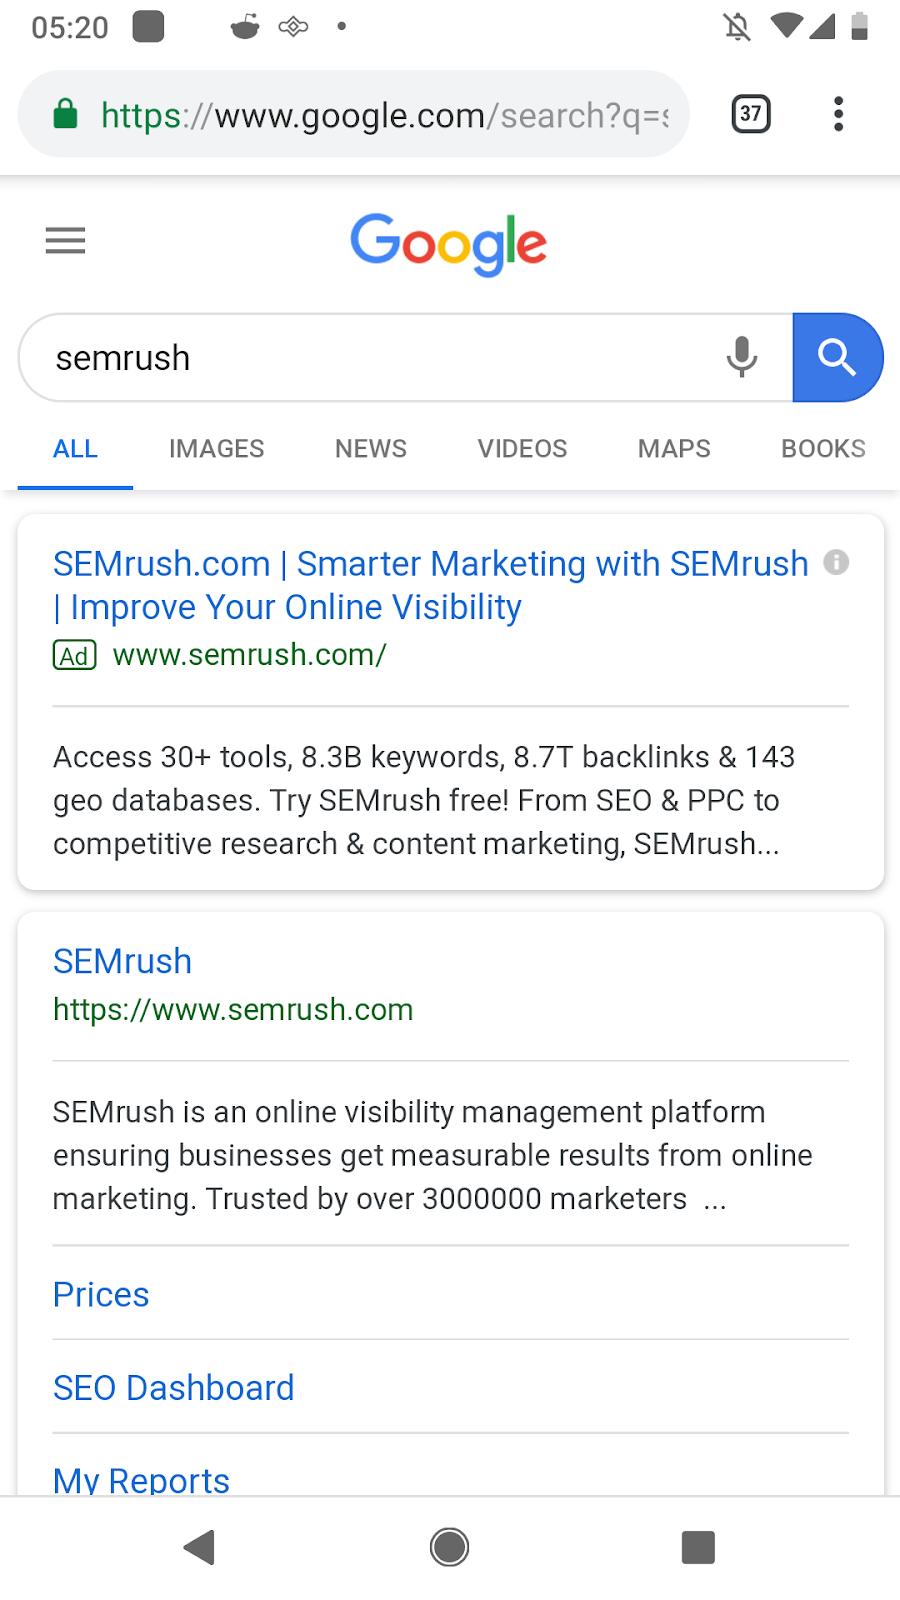 Semrush Google search results